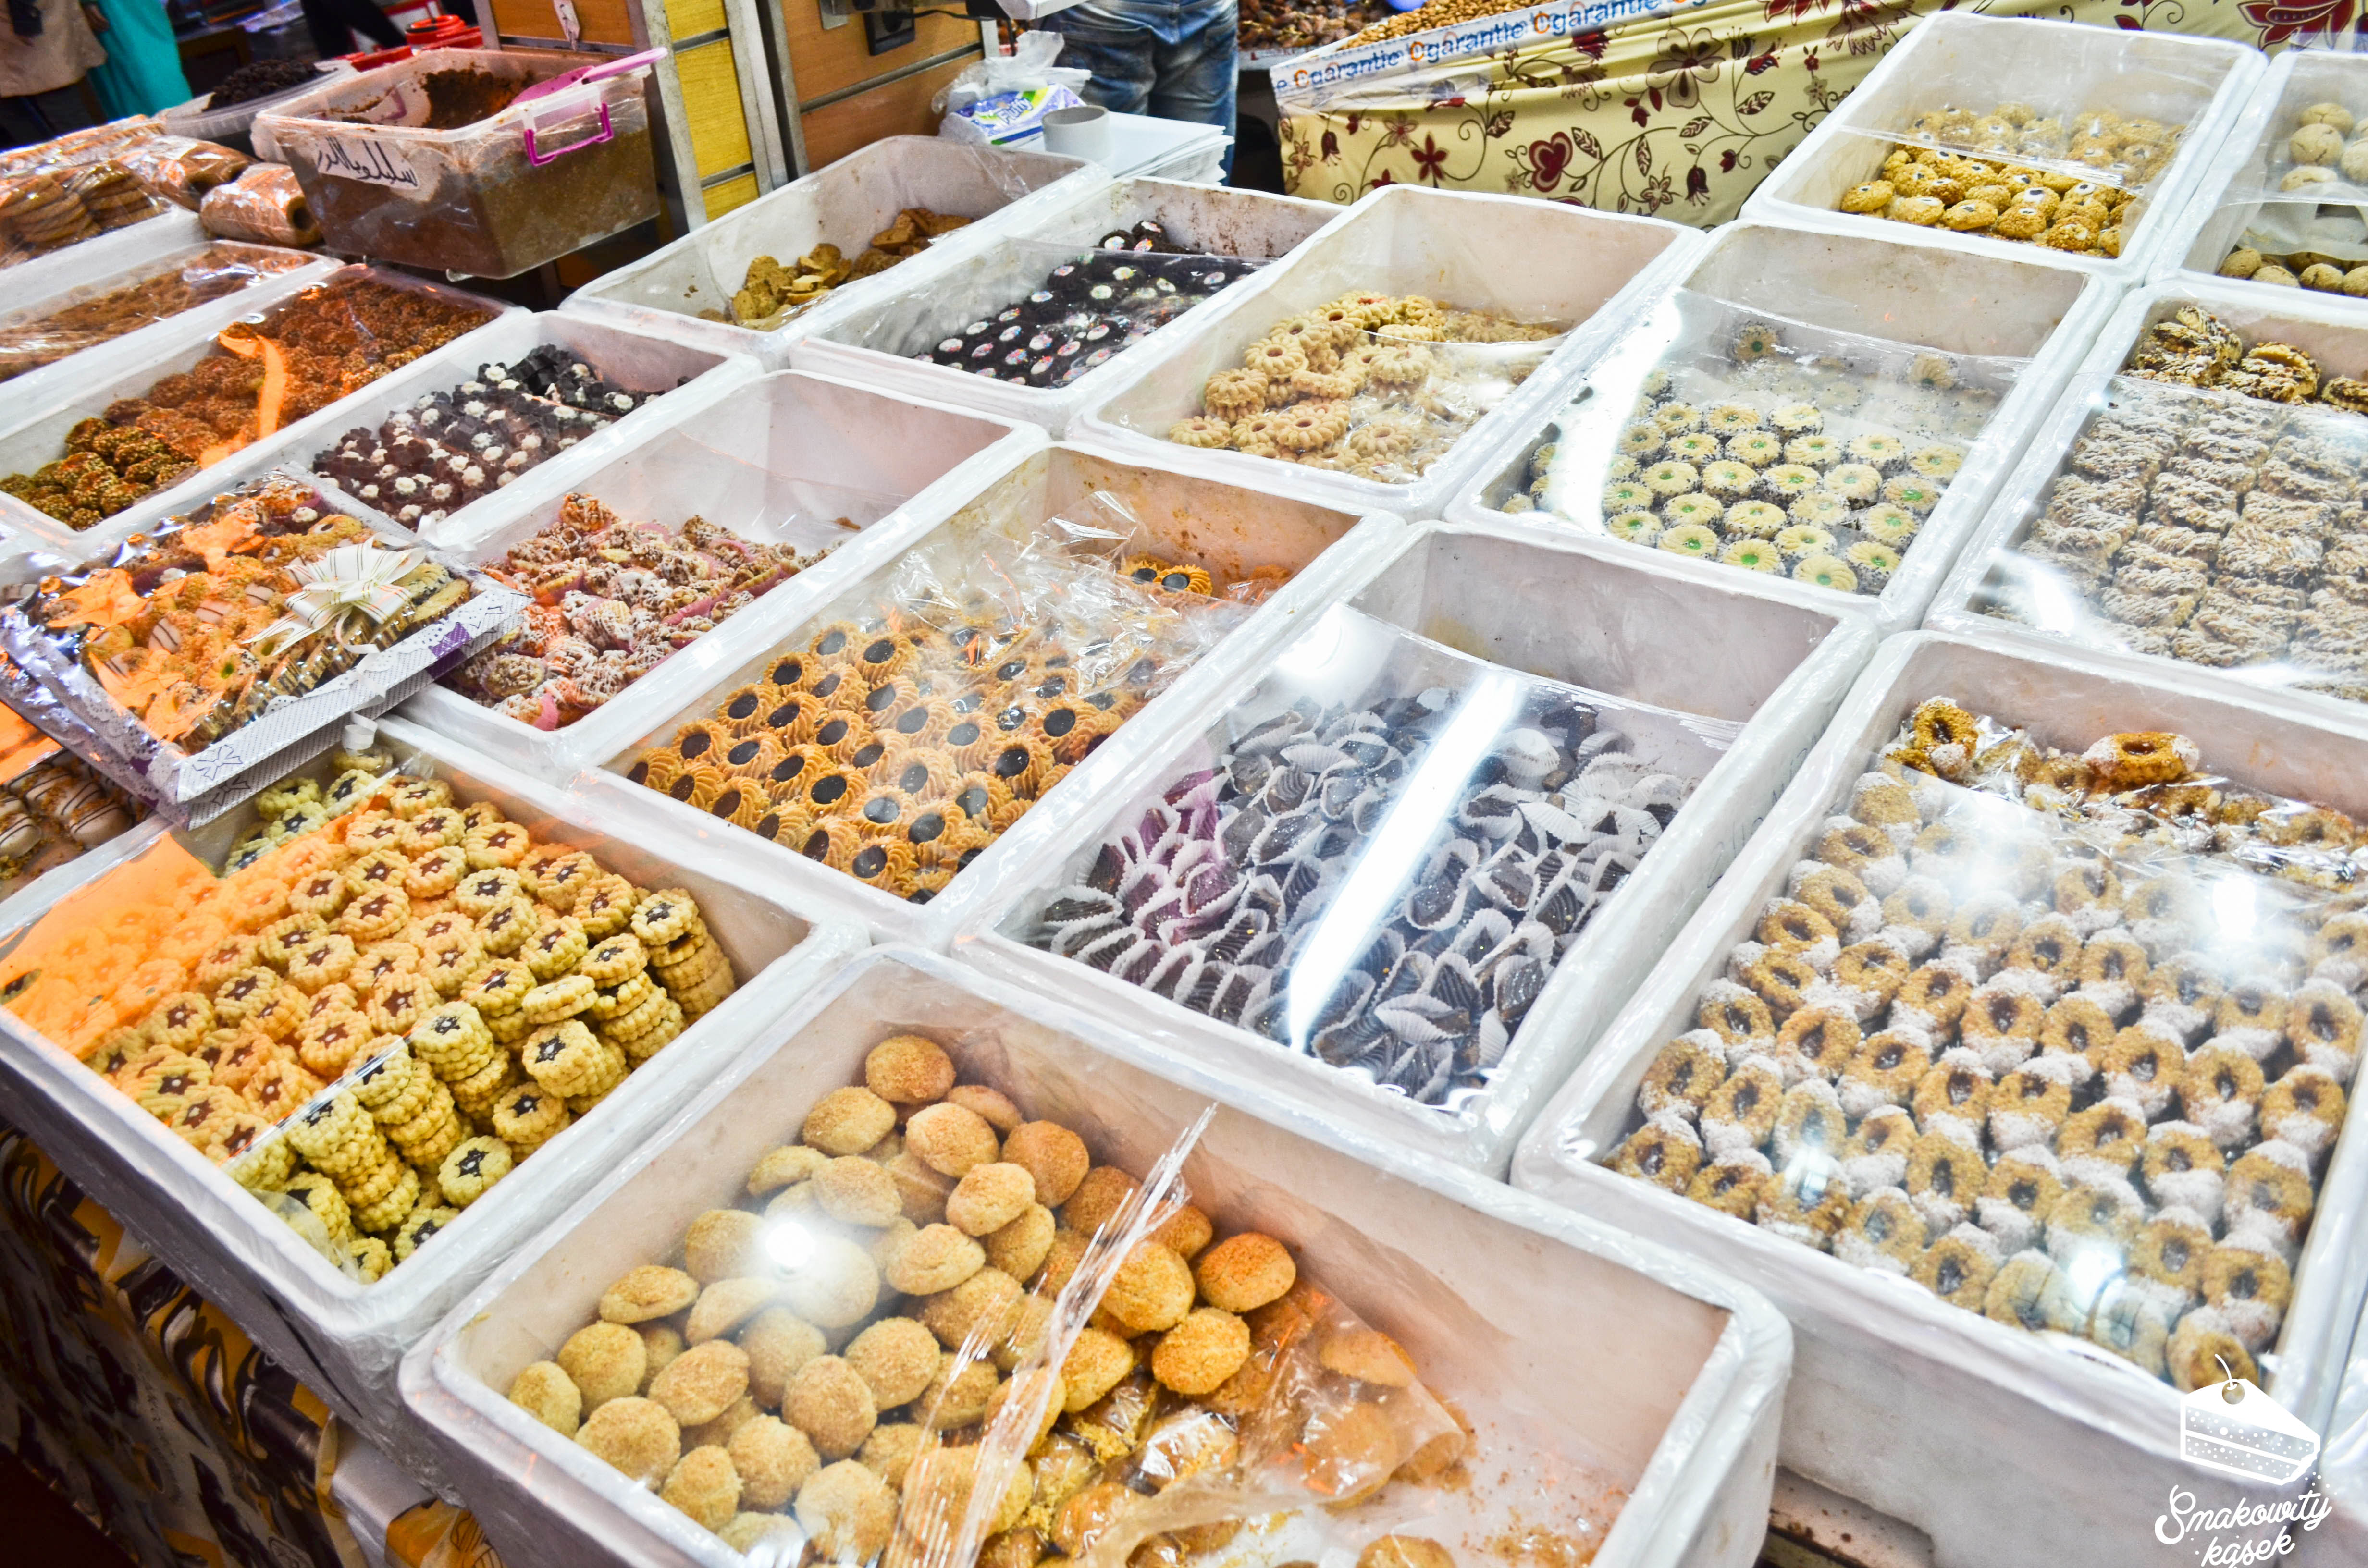 marokanskie jedzenie (1 of 1)-14